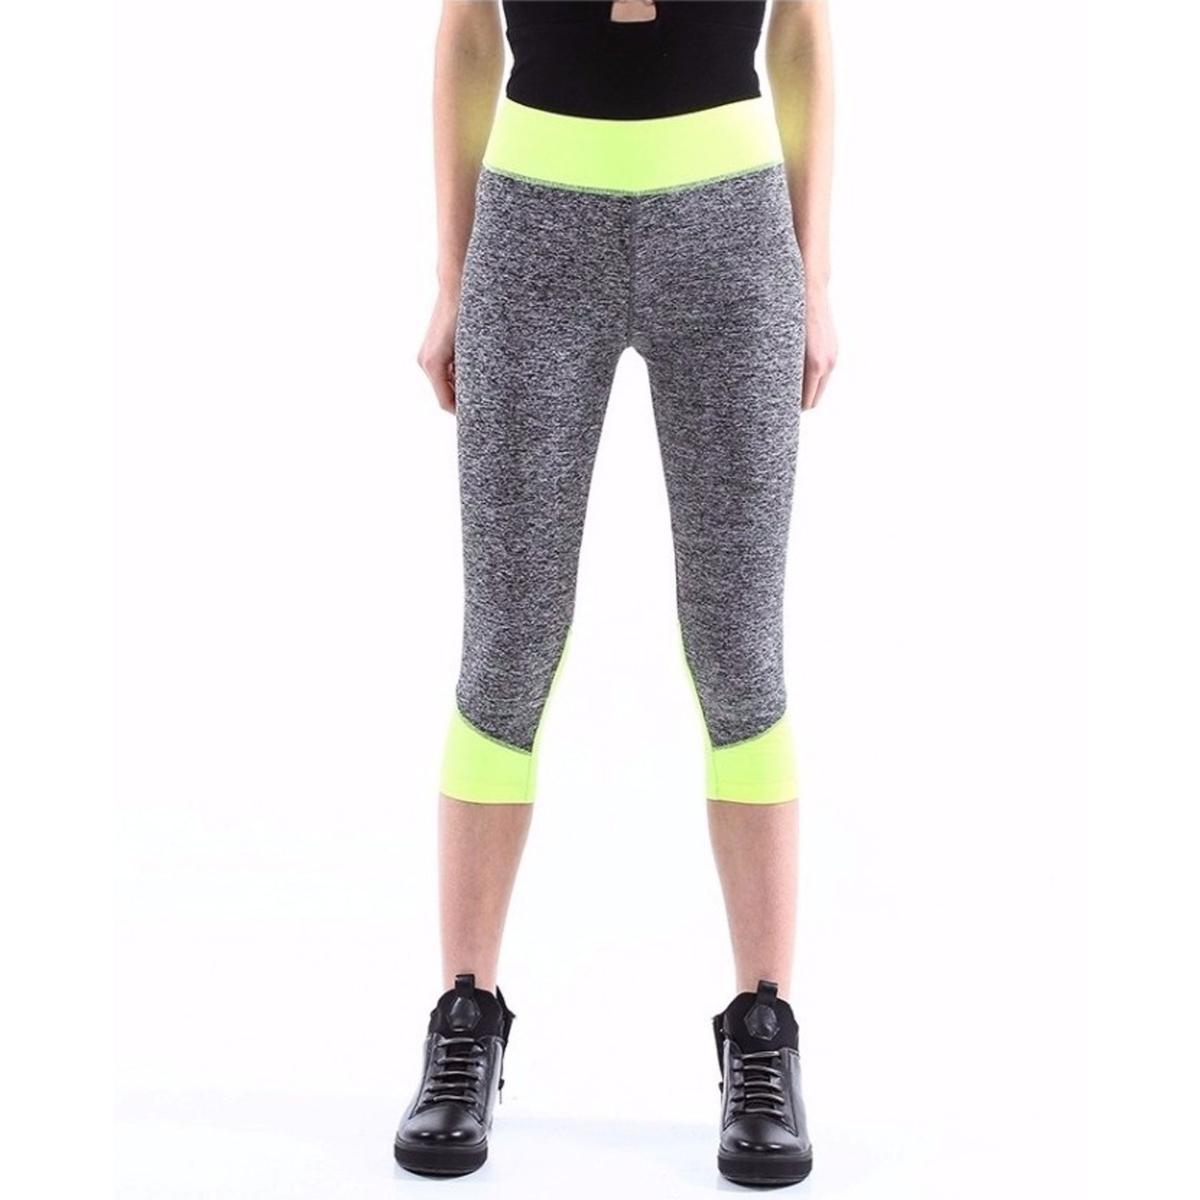 Pantaloni fitness leggings bicolore diverse combinazioni - donna